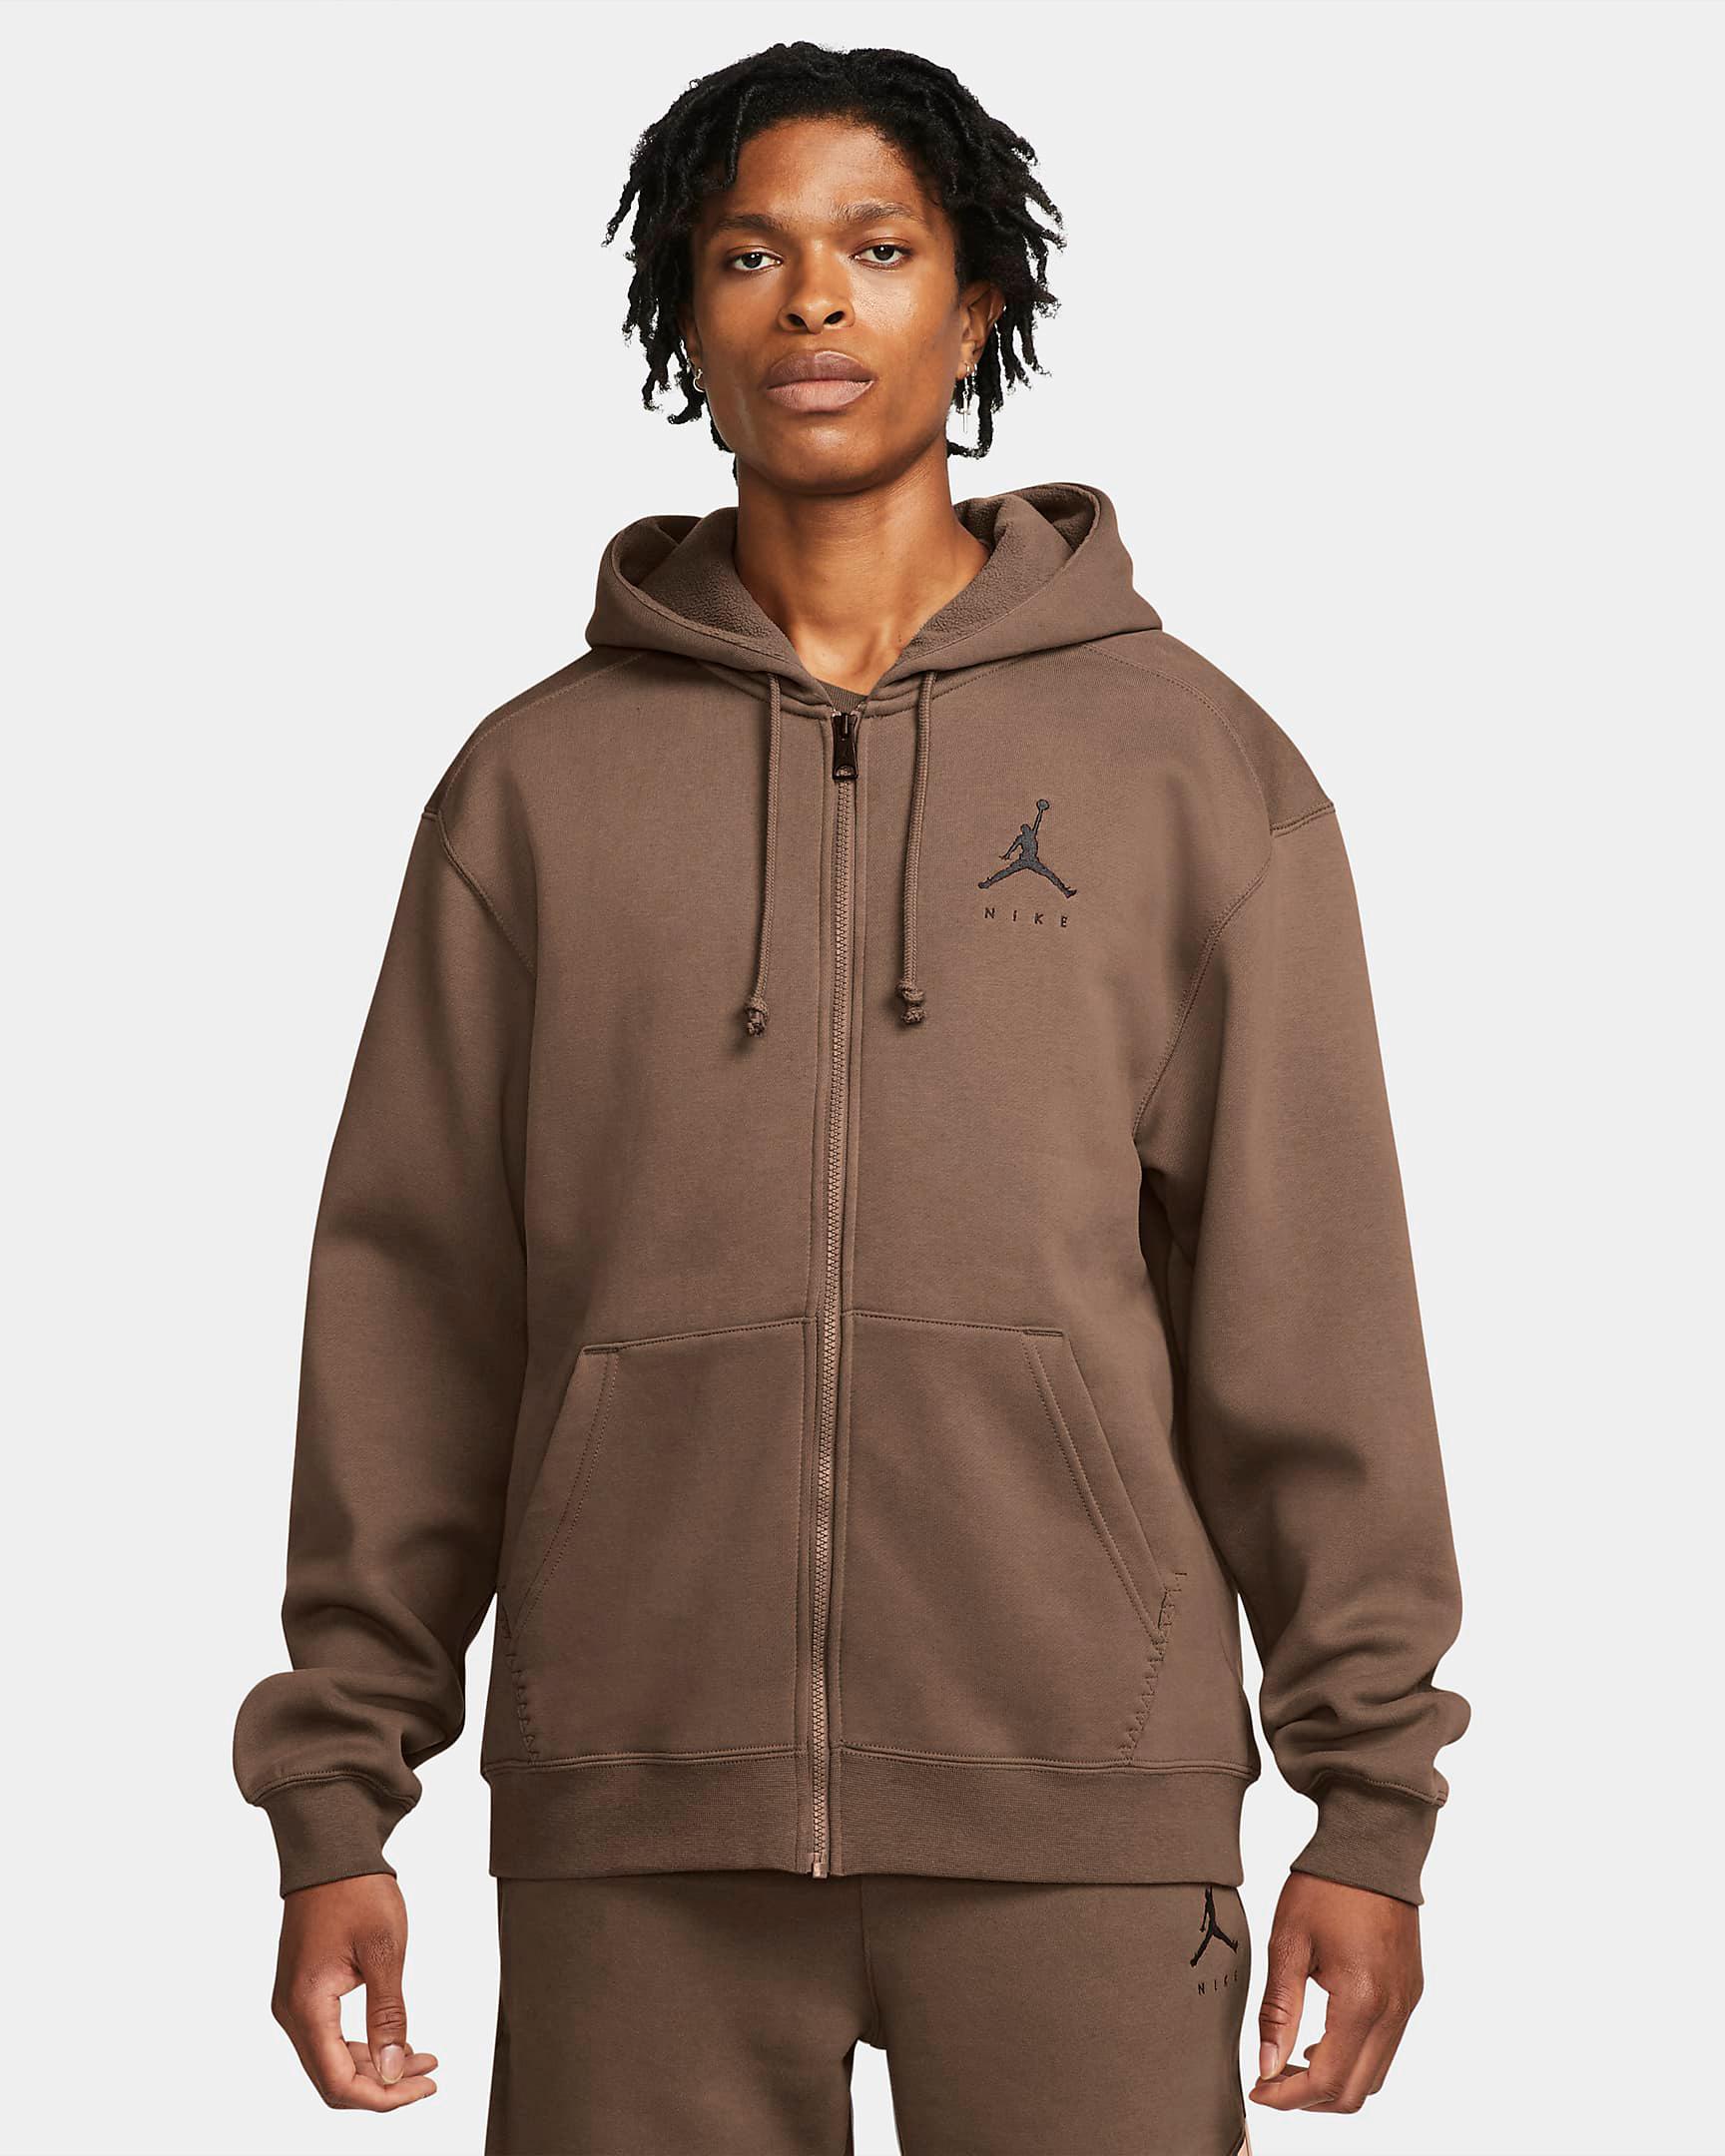 jordan-jumpman-zip-hoodie-archaeo-brown-1